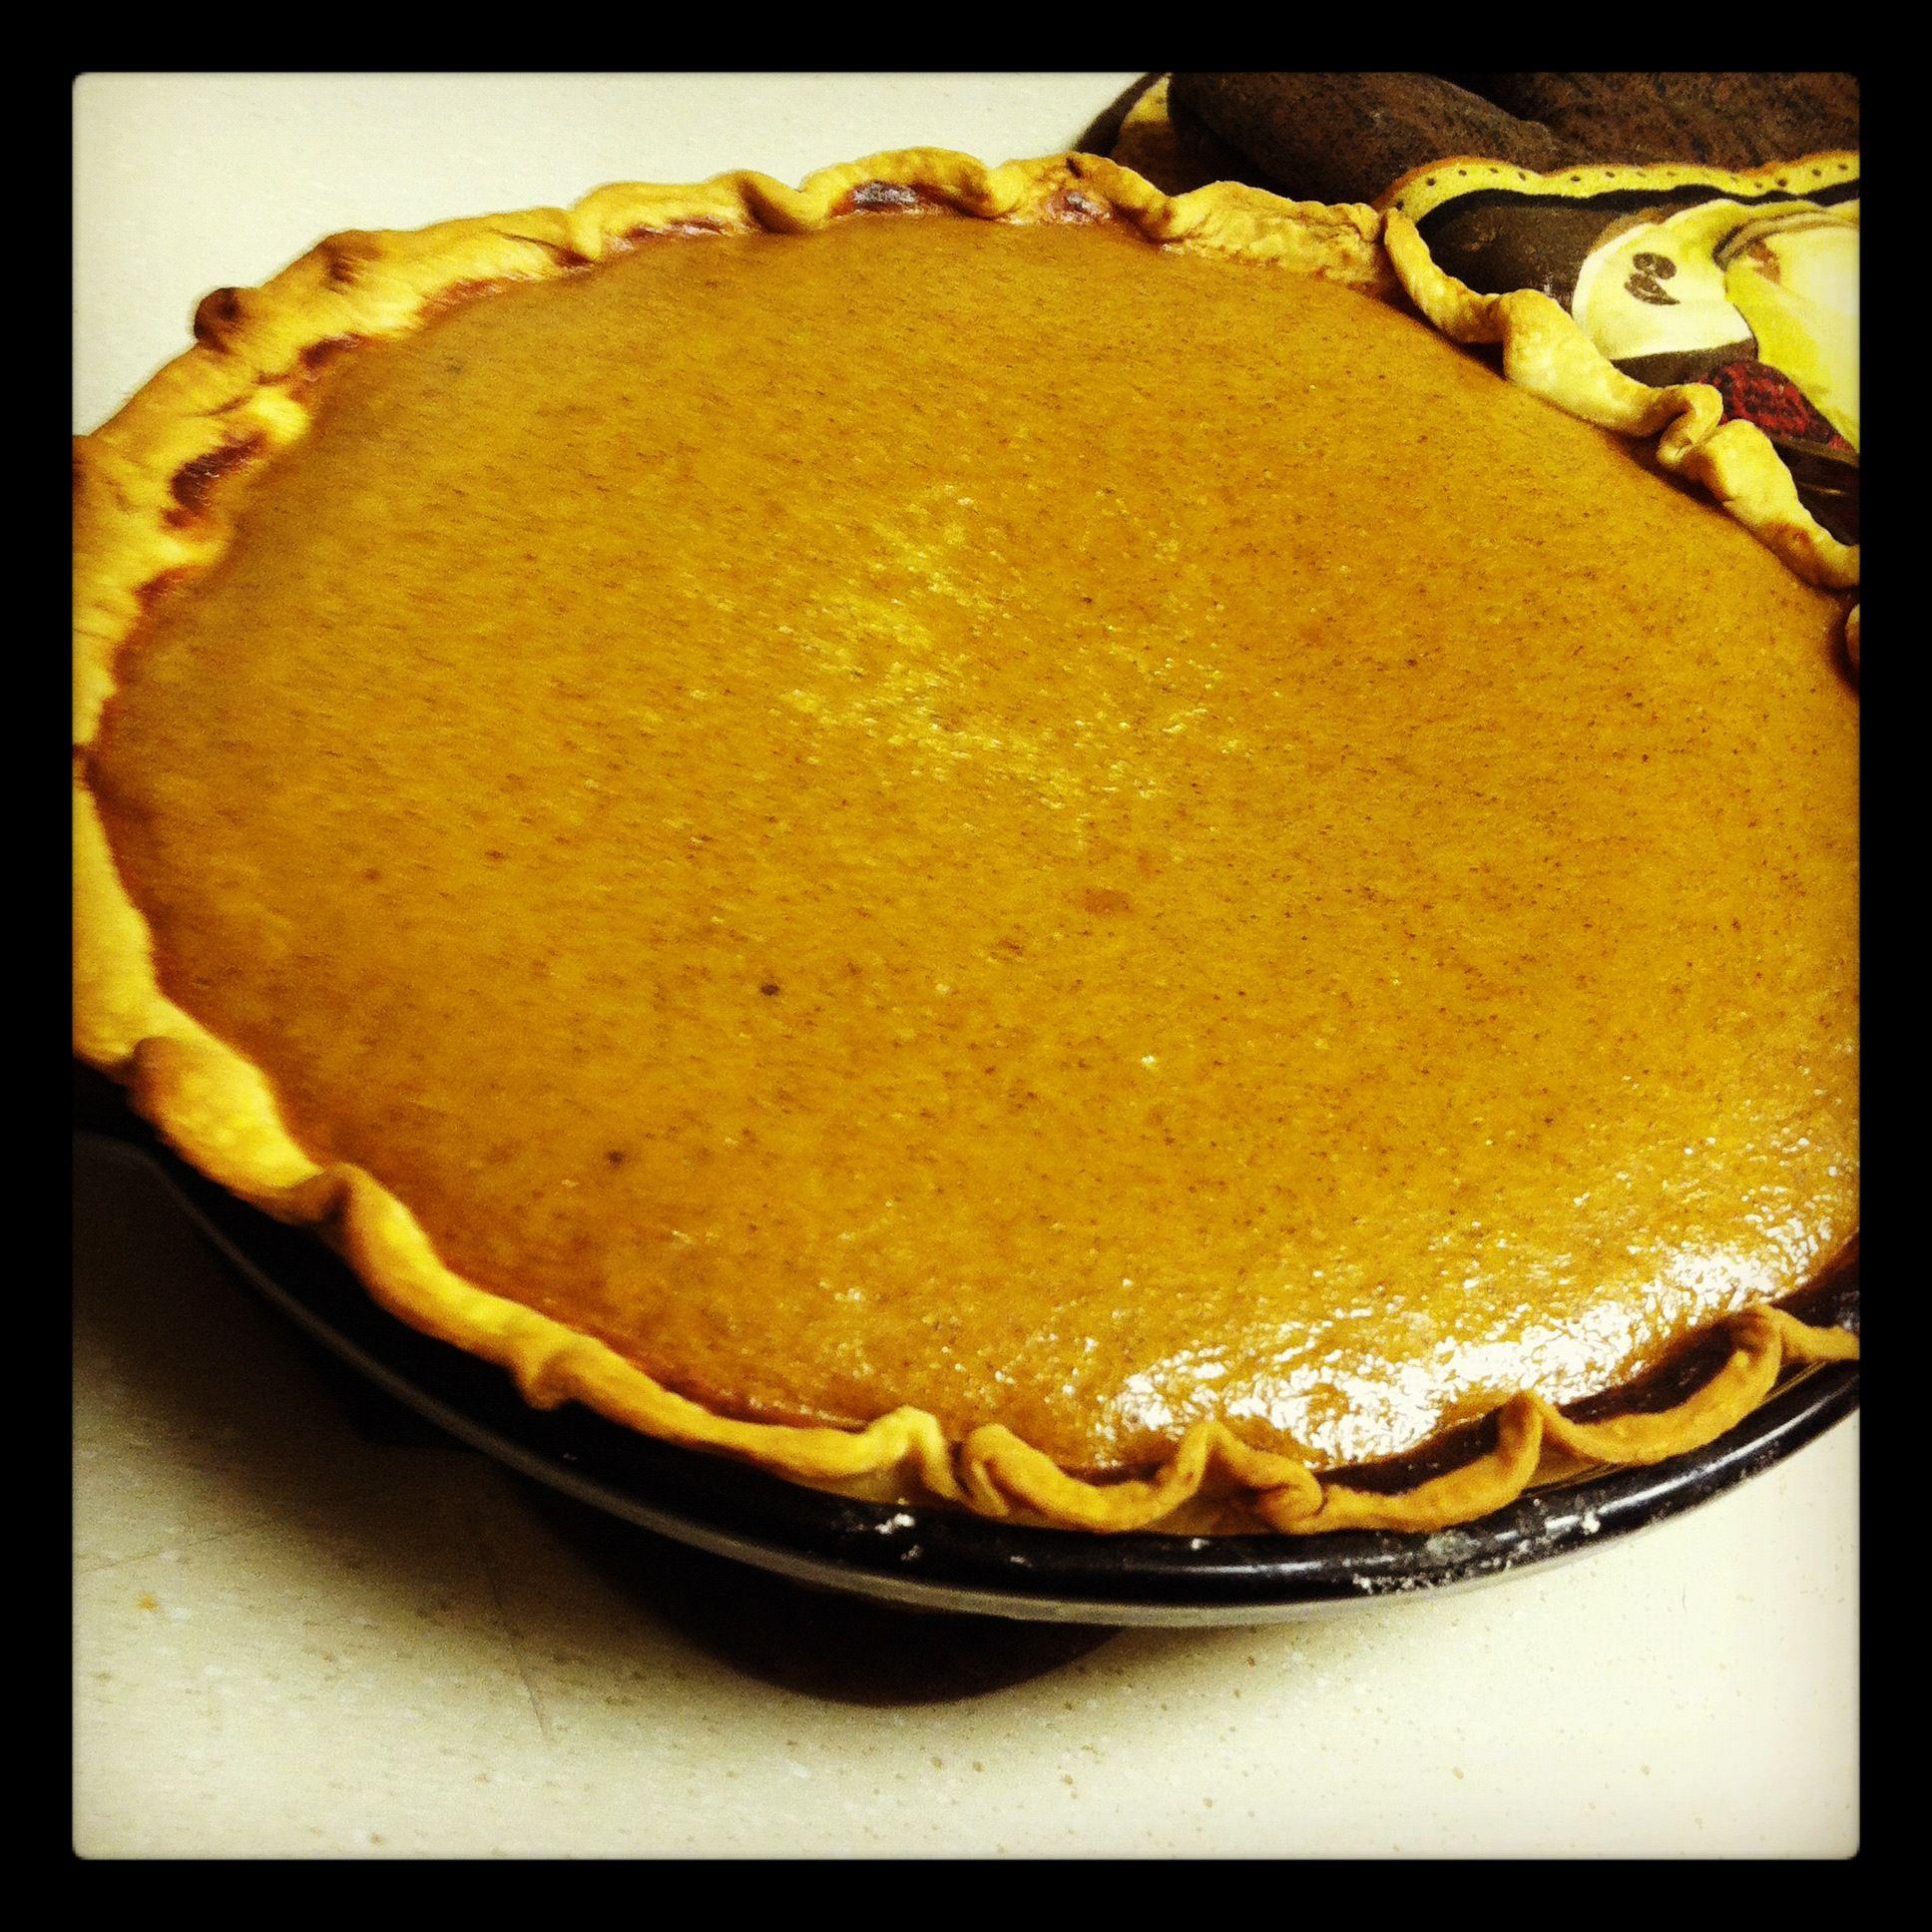 http://m.allrecipes.com/recipe/13711/recipehomemade-fresh-pumpkin-pie All recipes is my favorite go to cook book!